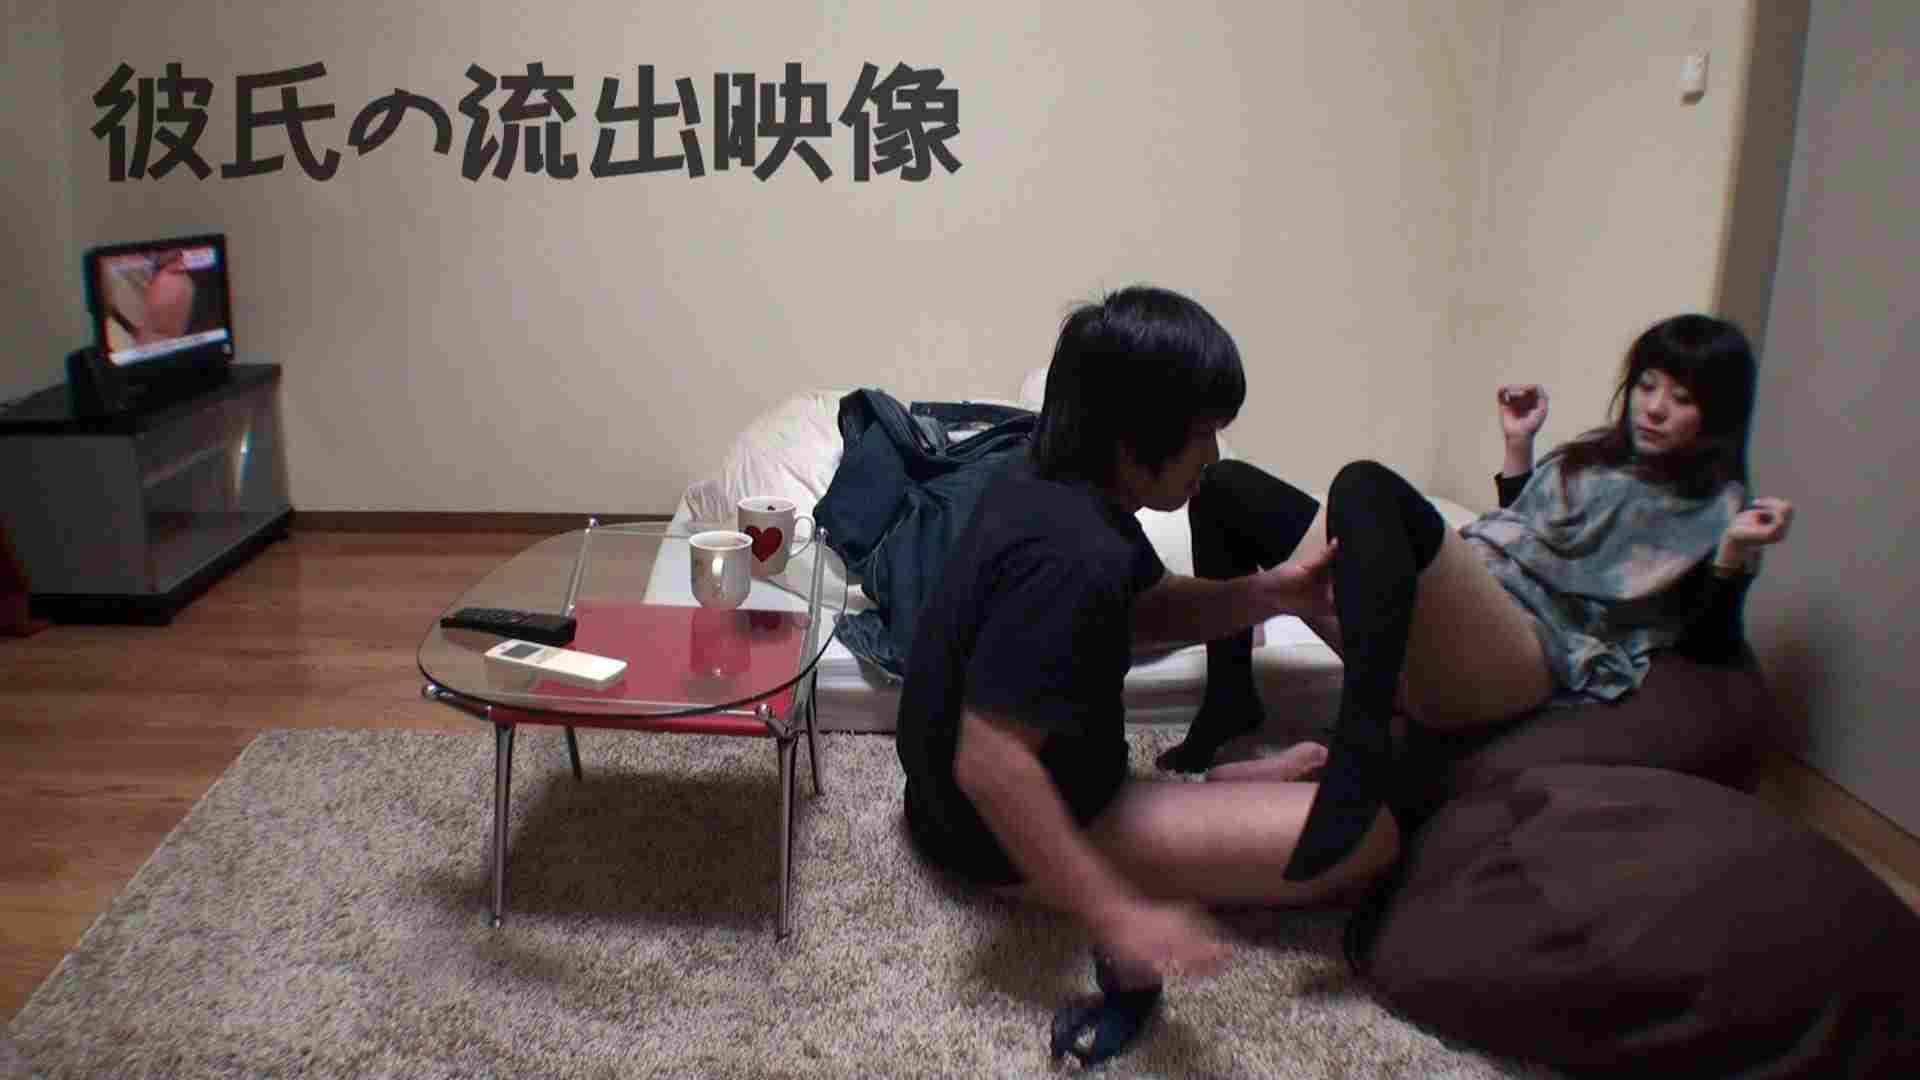 彼氏が流出 パイパン素人嬢のハメ撮り映像02 フェラ 覗きおまんこ画像 79pic 21